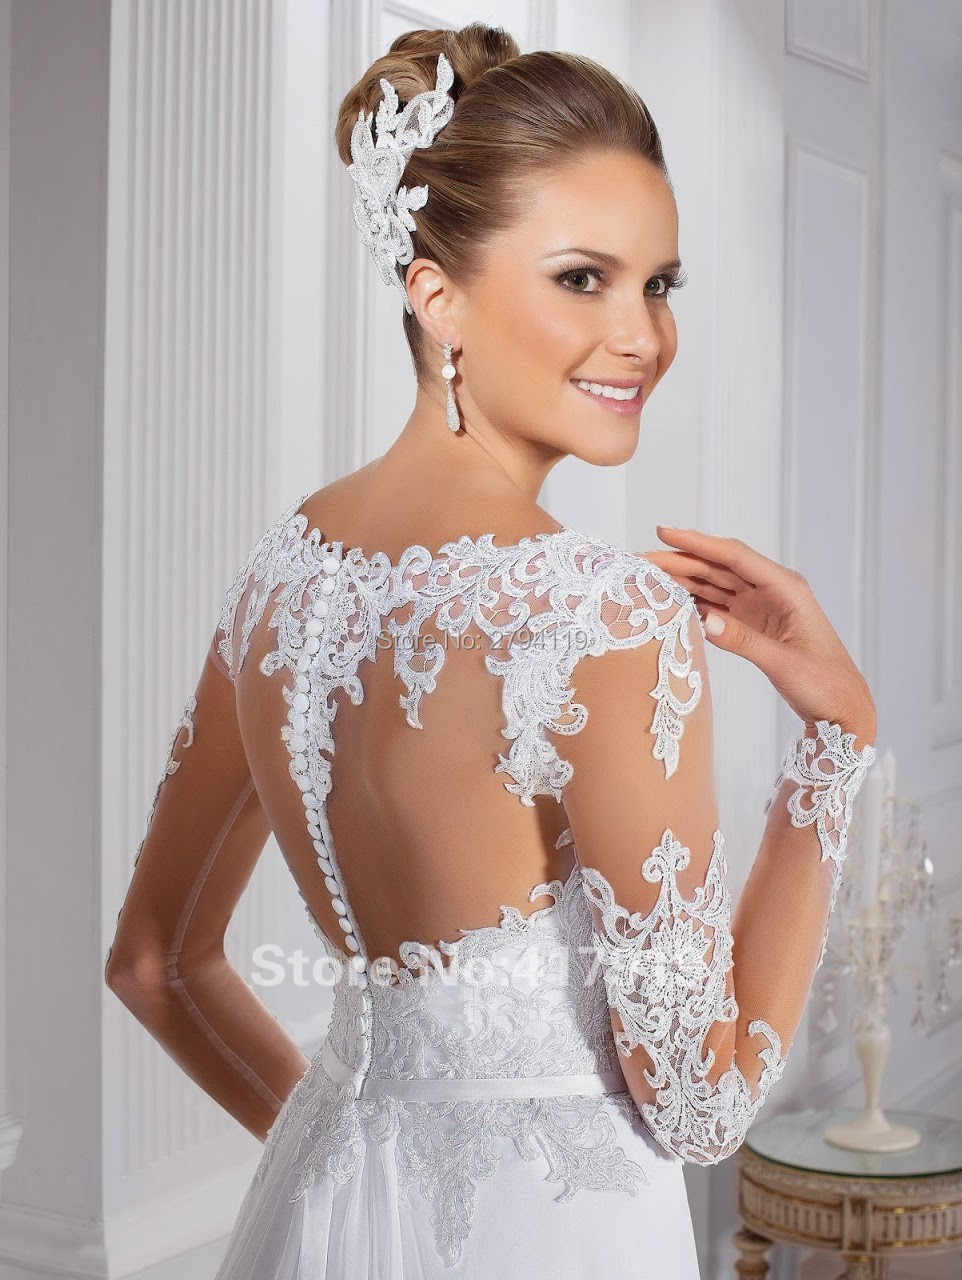 חתונת שמלת 2019 ארוך שרוולי כובע שרוולי vestido דה noiva קו חתונת שמלת o צוואר Sashes robe דה mariee התאמה אישית gelinlik